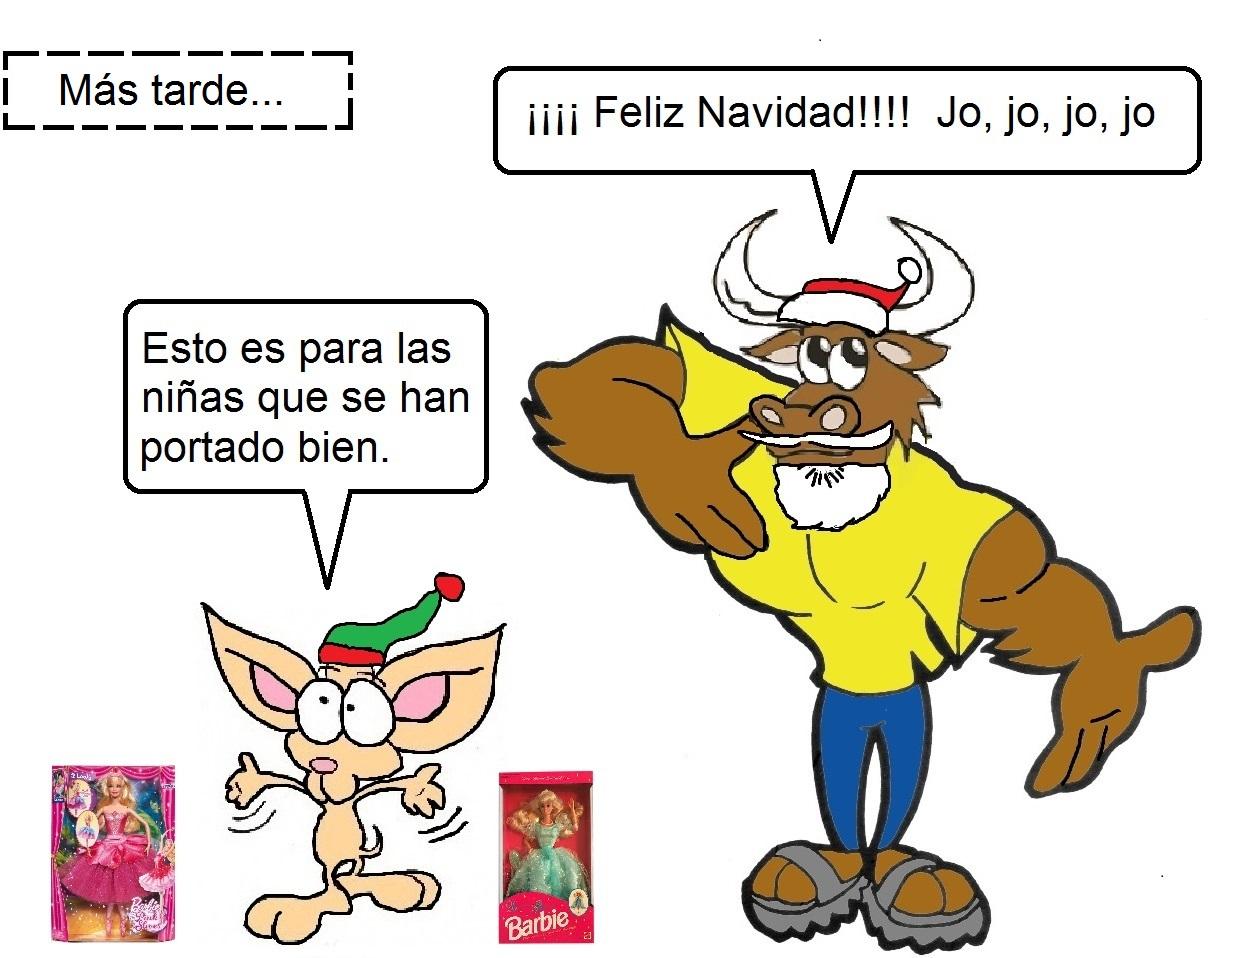 Torito y Taquito en la Navidad